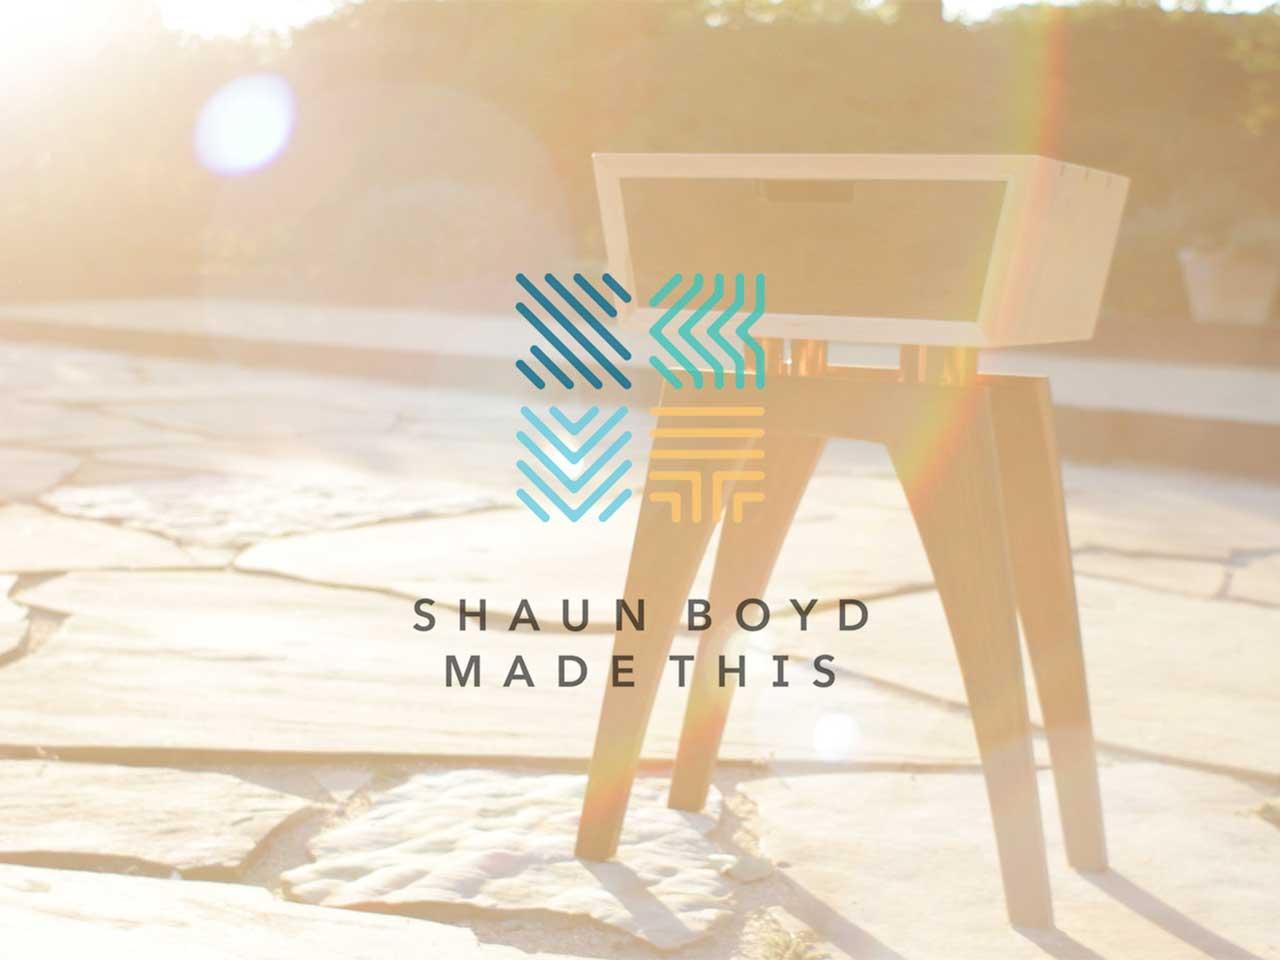 Shaun Boyd Made This